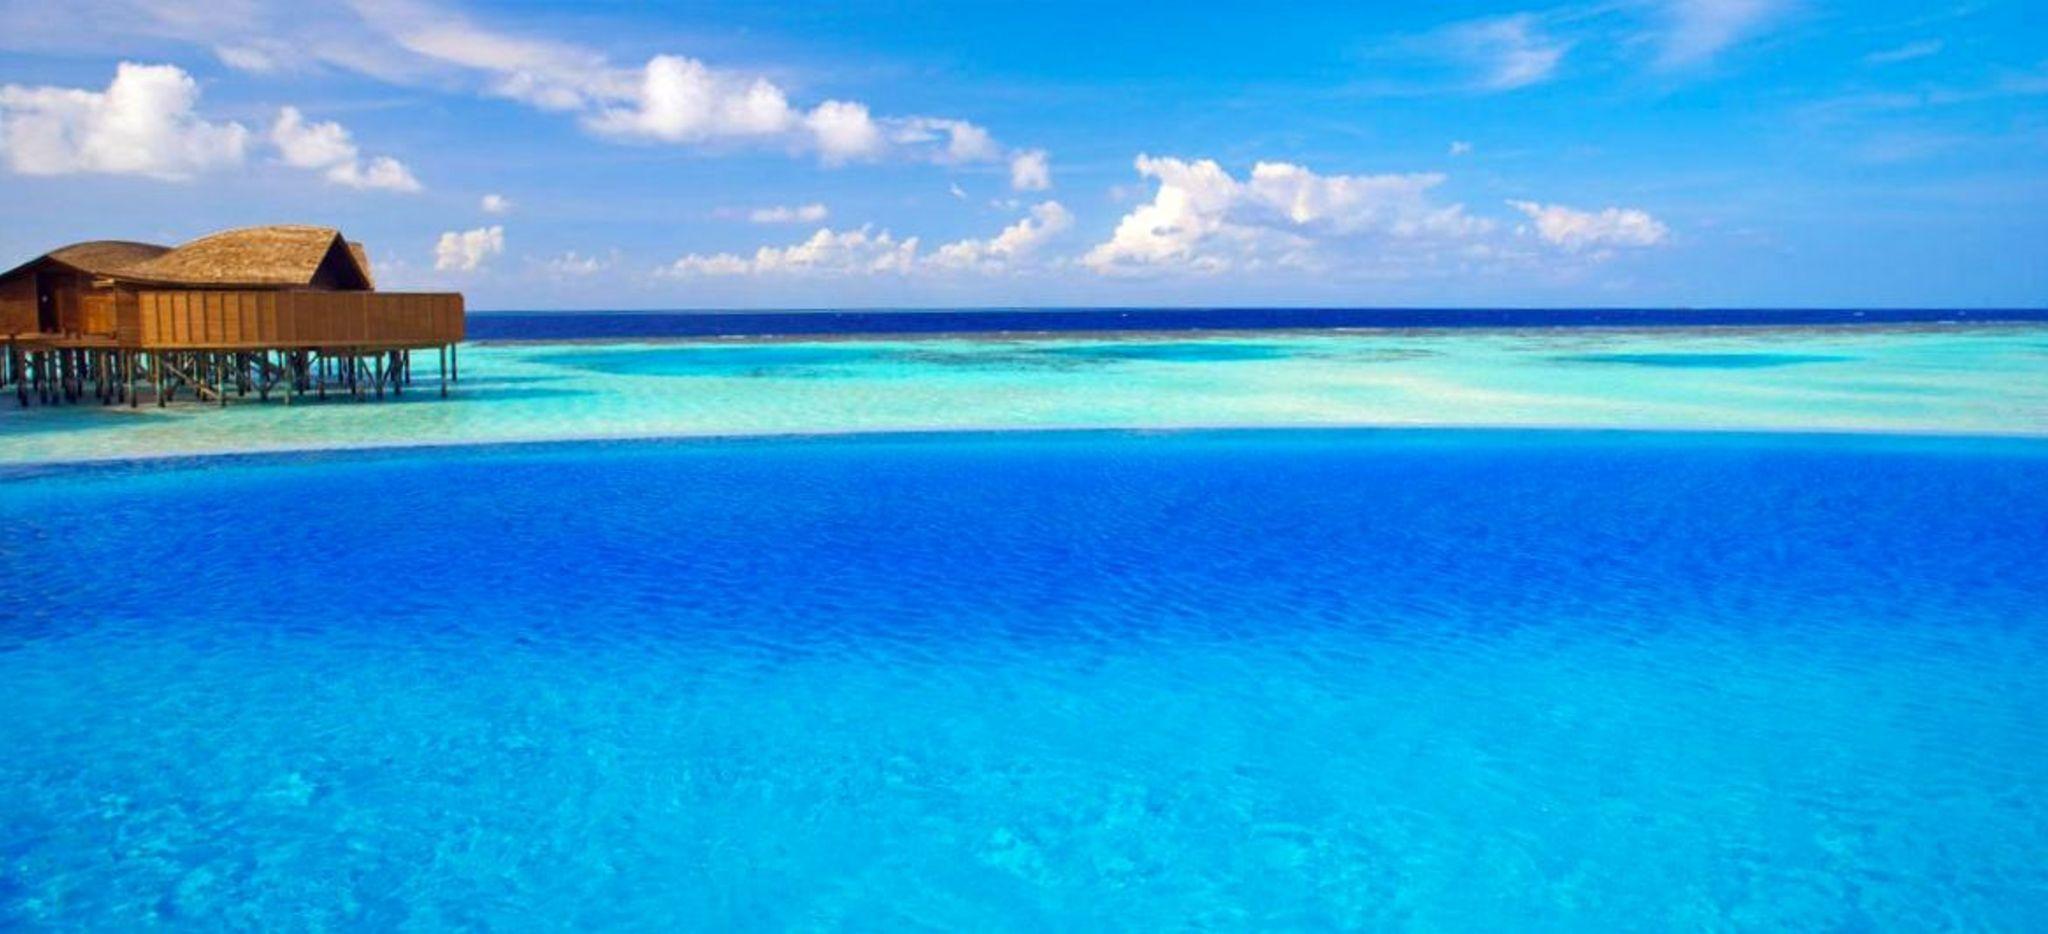 """Ein Infinity-Pool direkt am Meer, im Hitergrund eine der Waservillen des Hotels """"Lily Beach"""" auf den Malediven"""